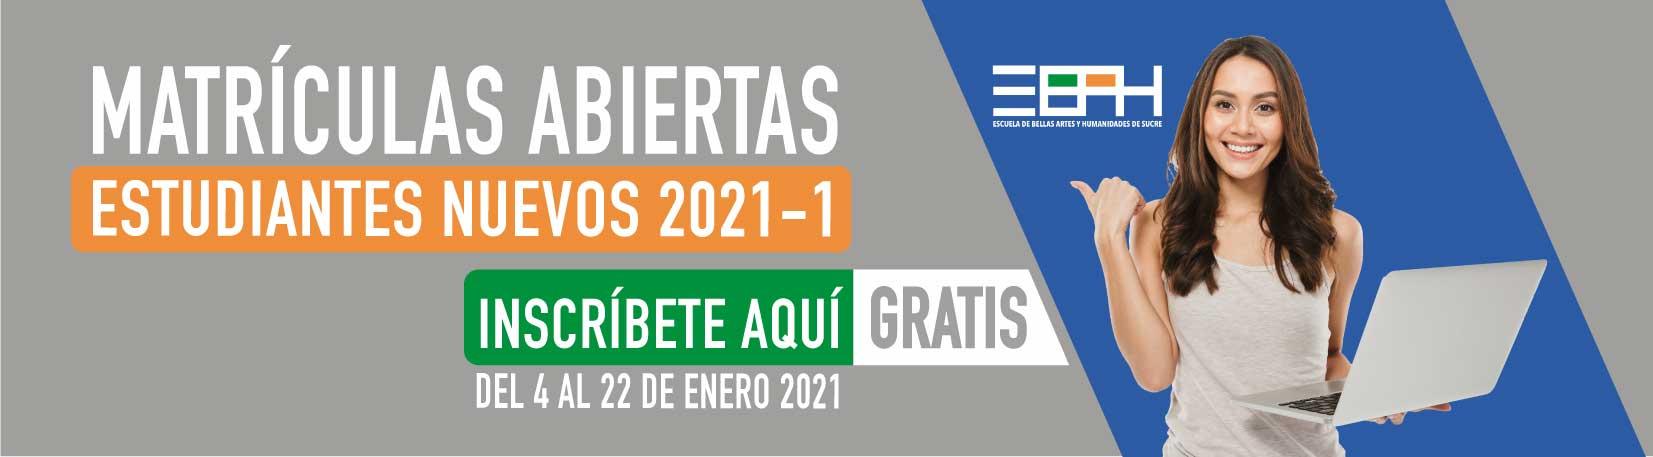 PAGWEB-PROMO-SEMESTRE-2021-1